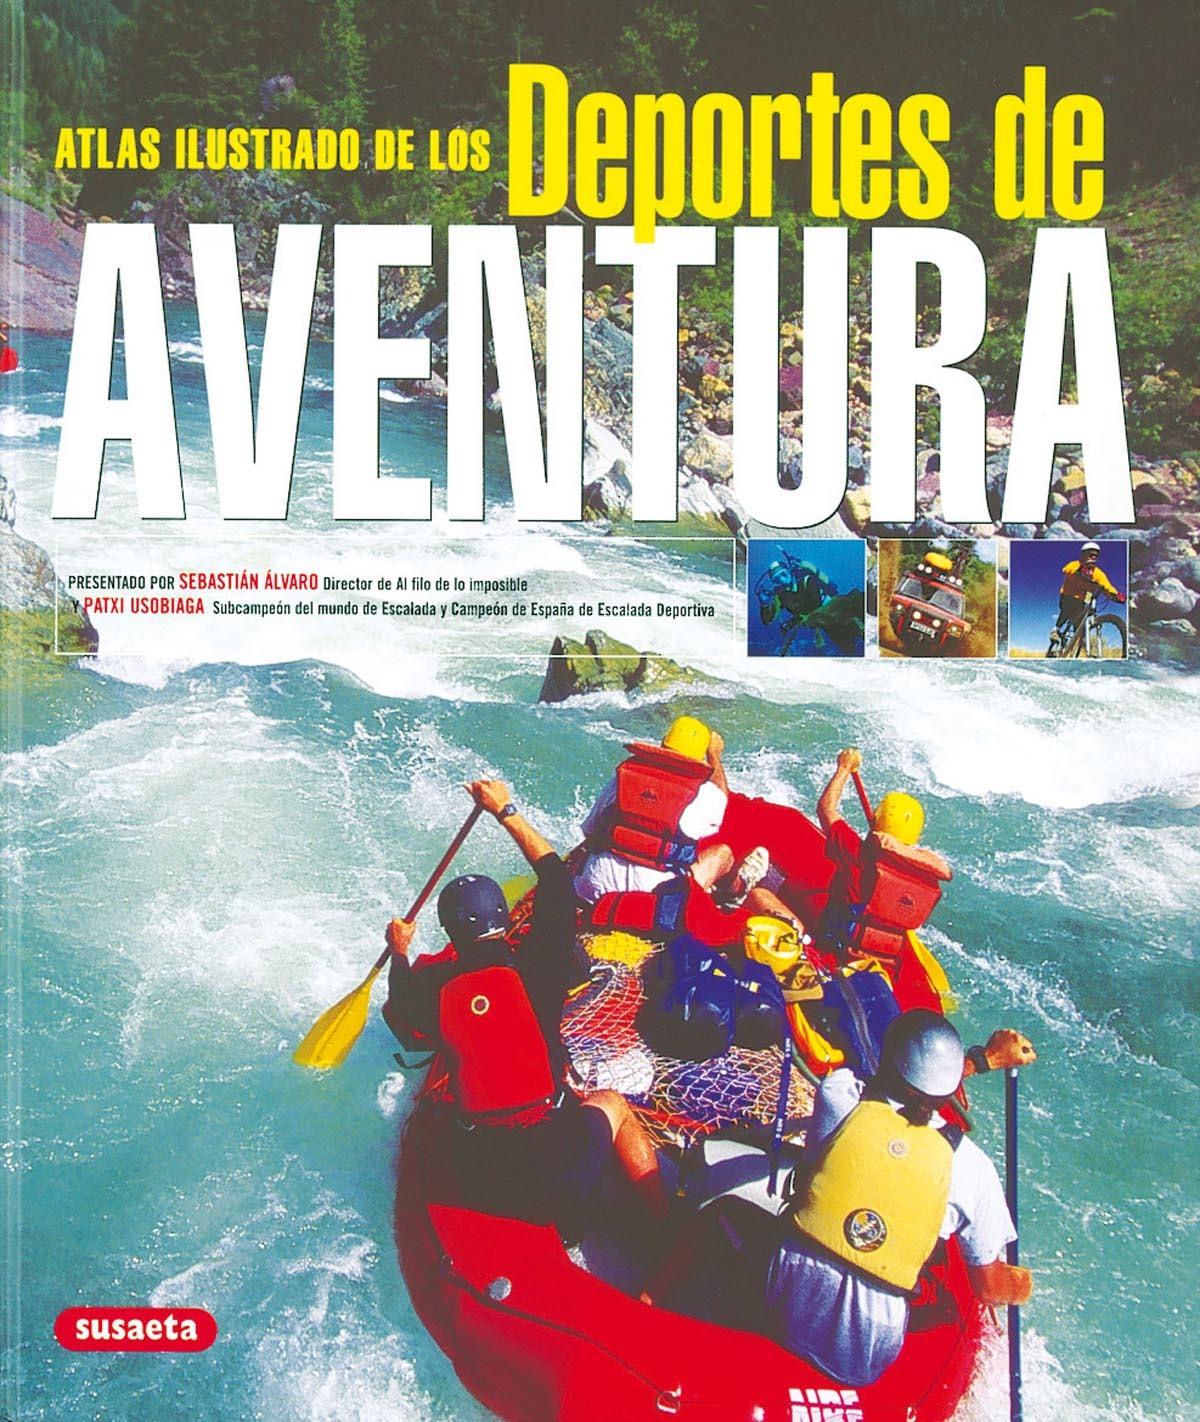 DEPORTES DE AVENTURA. ATLAS ILUSTRADO